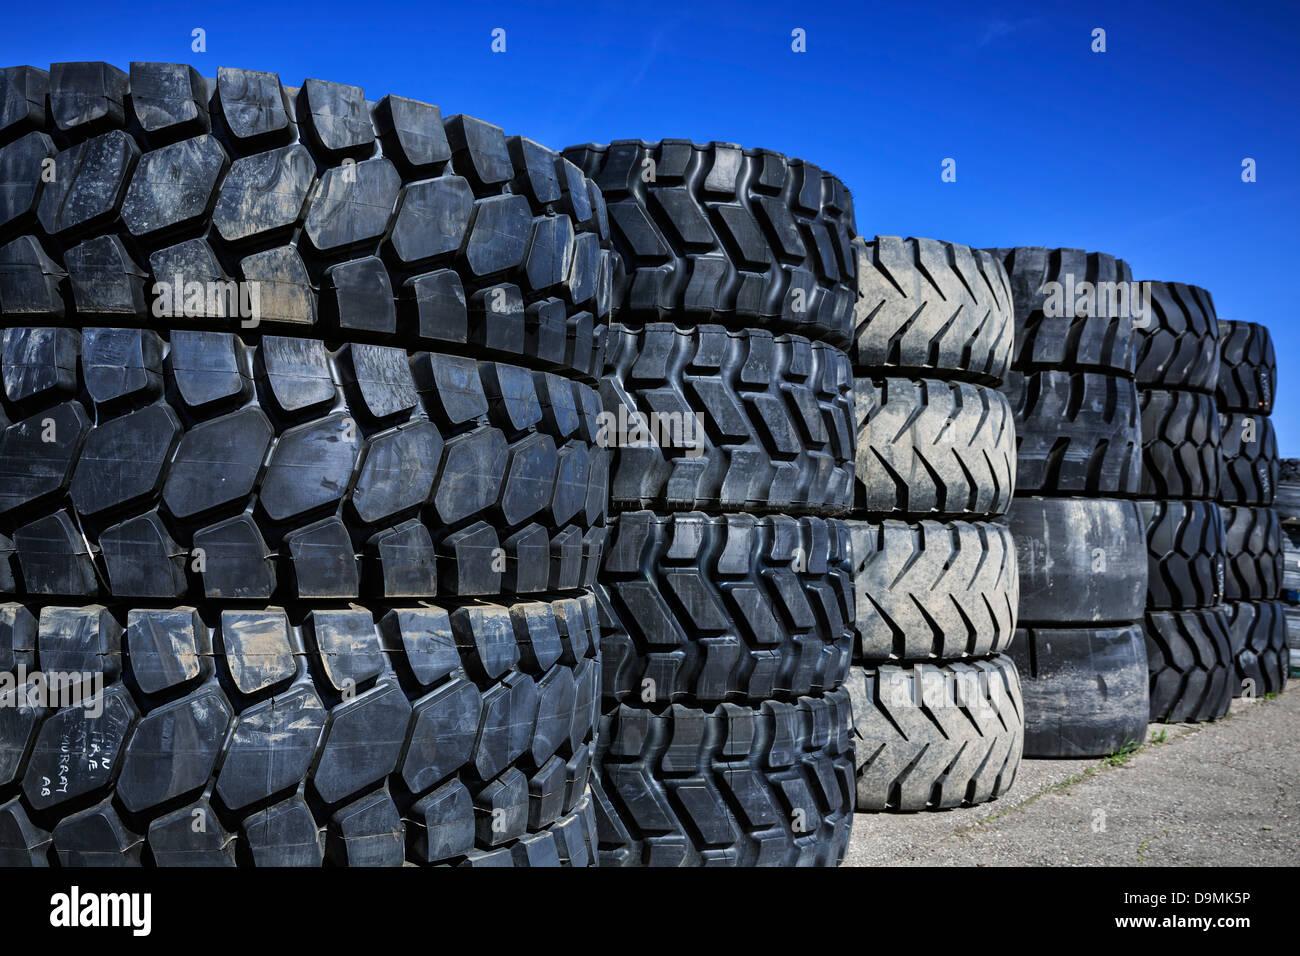 Grandi pneumatici in gomma, impilate Immagini Stock